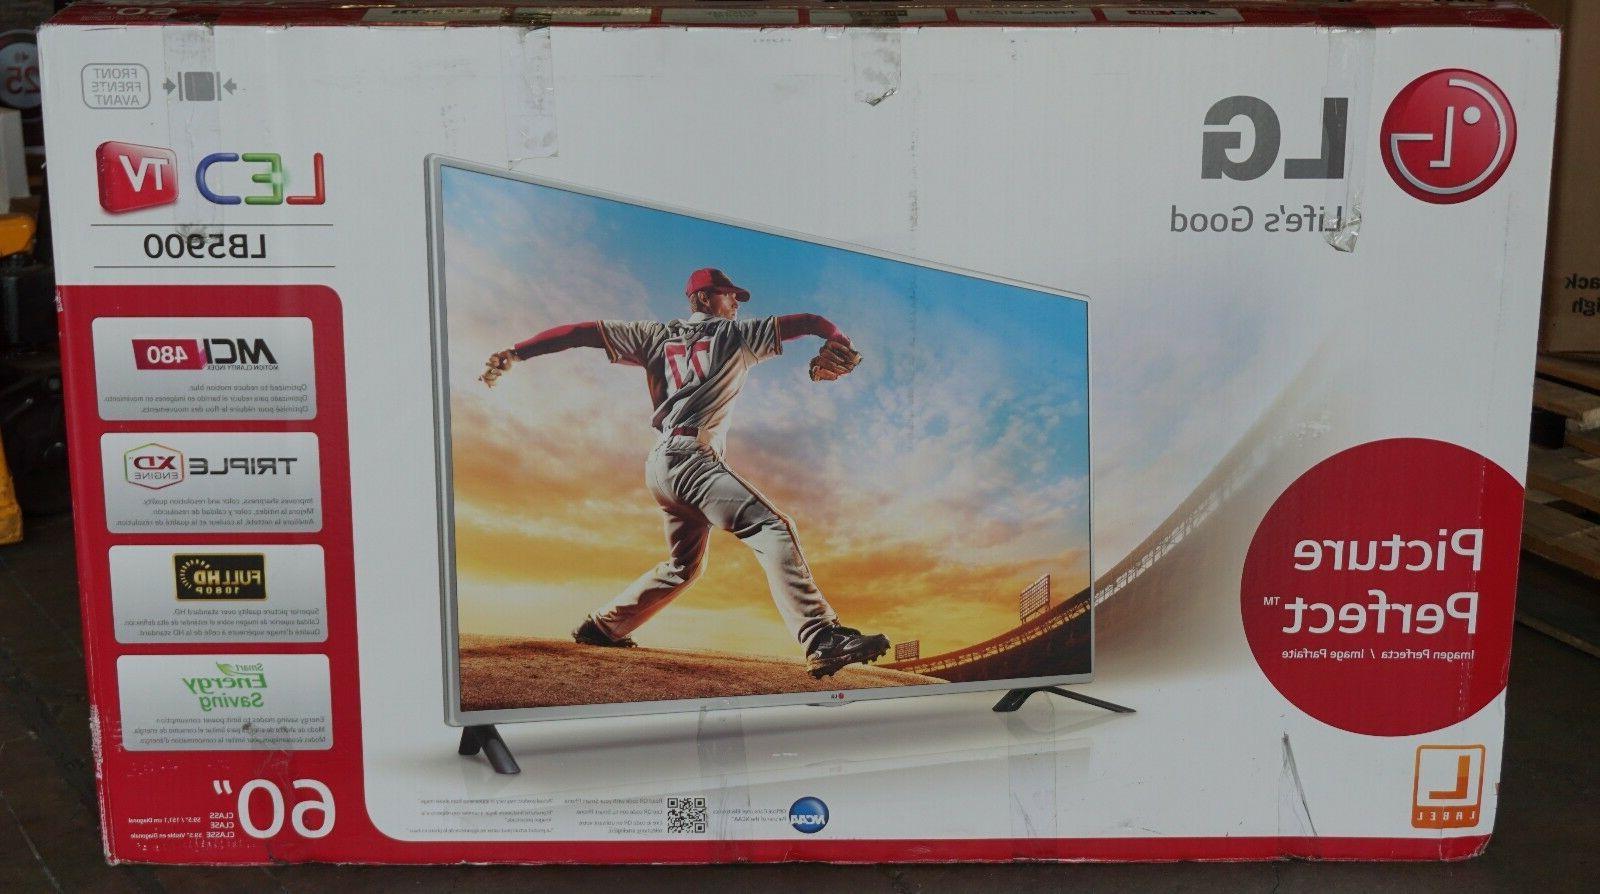 LG 1080p -